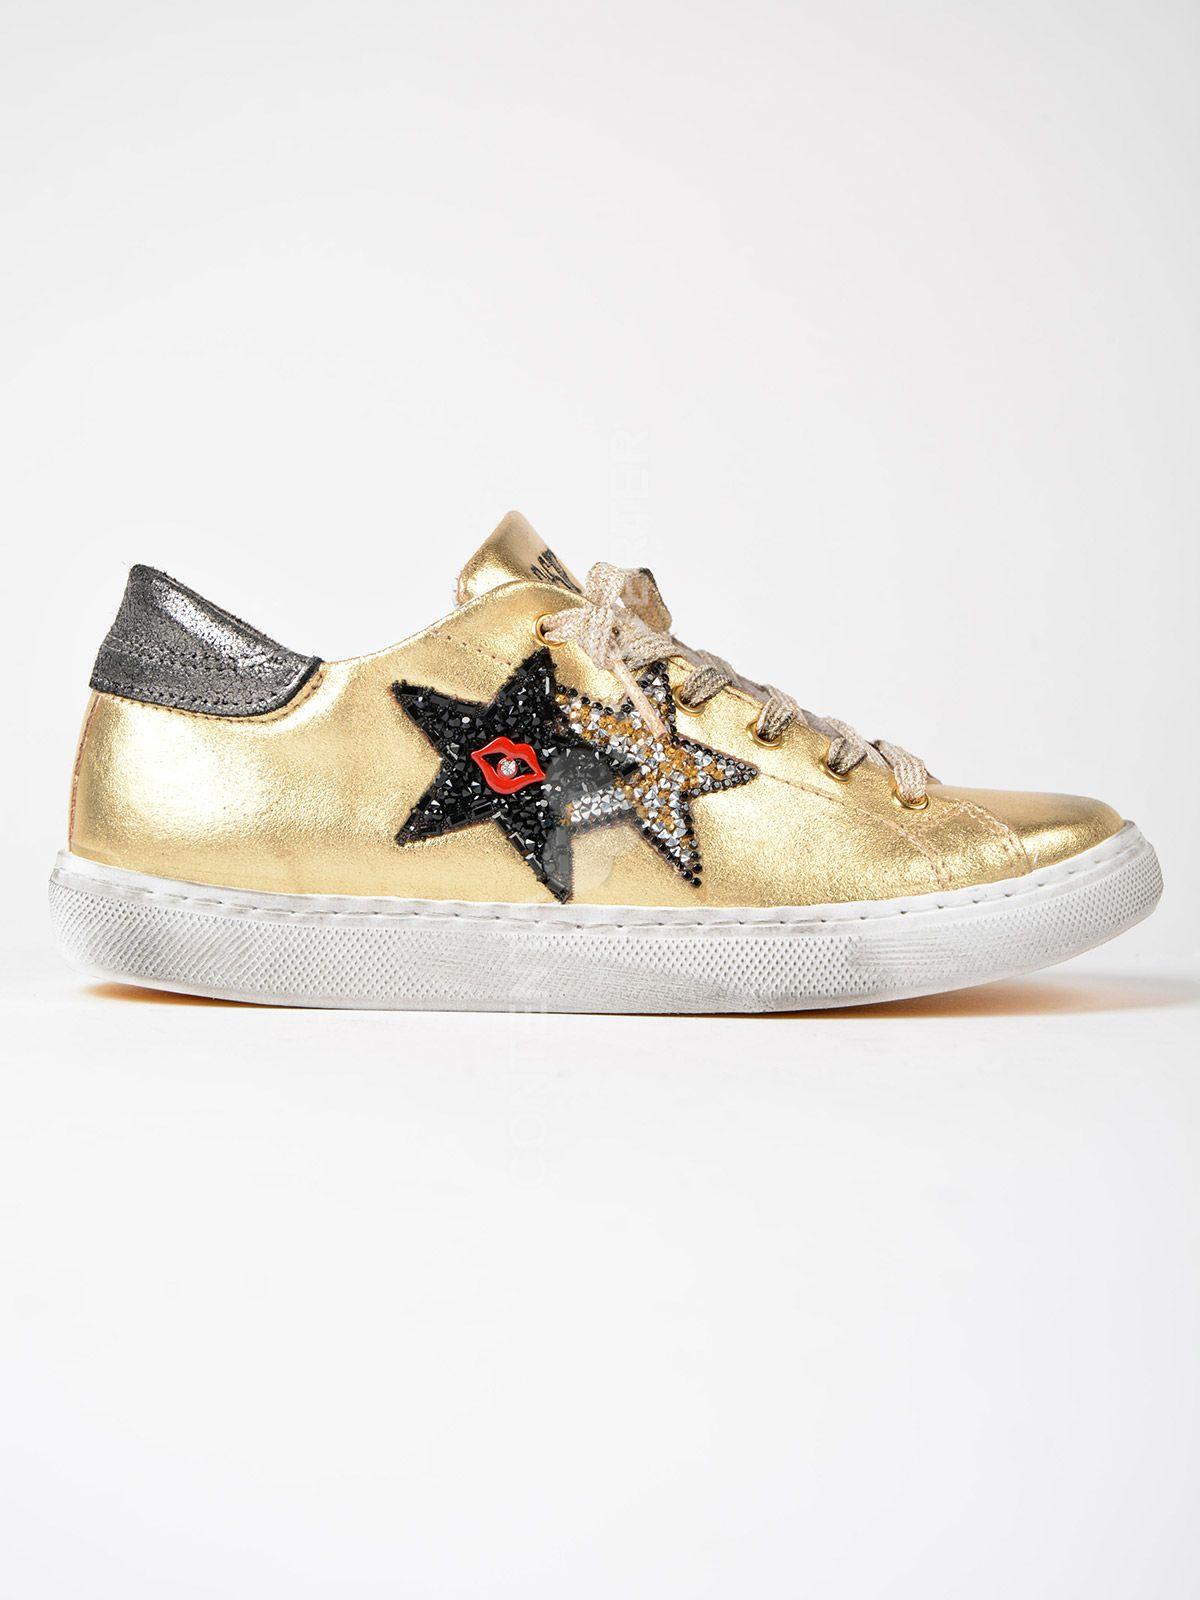 2Star Classic Low Laminato